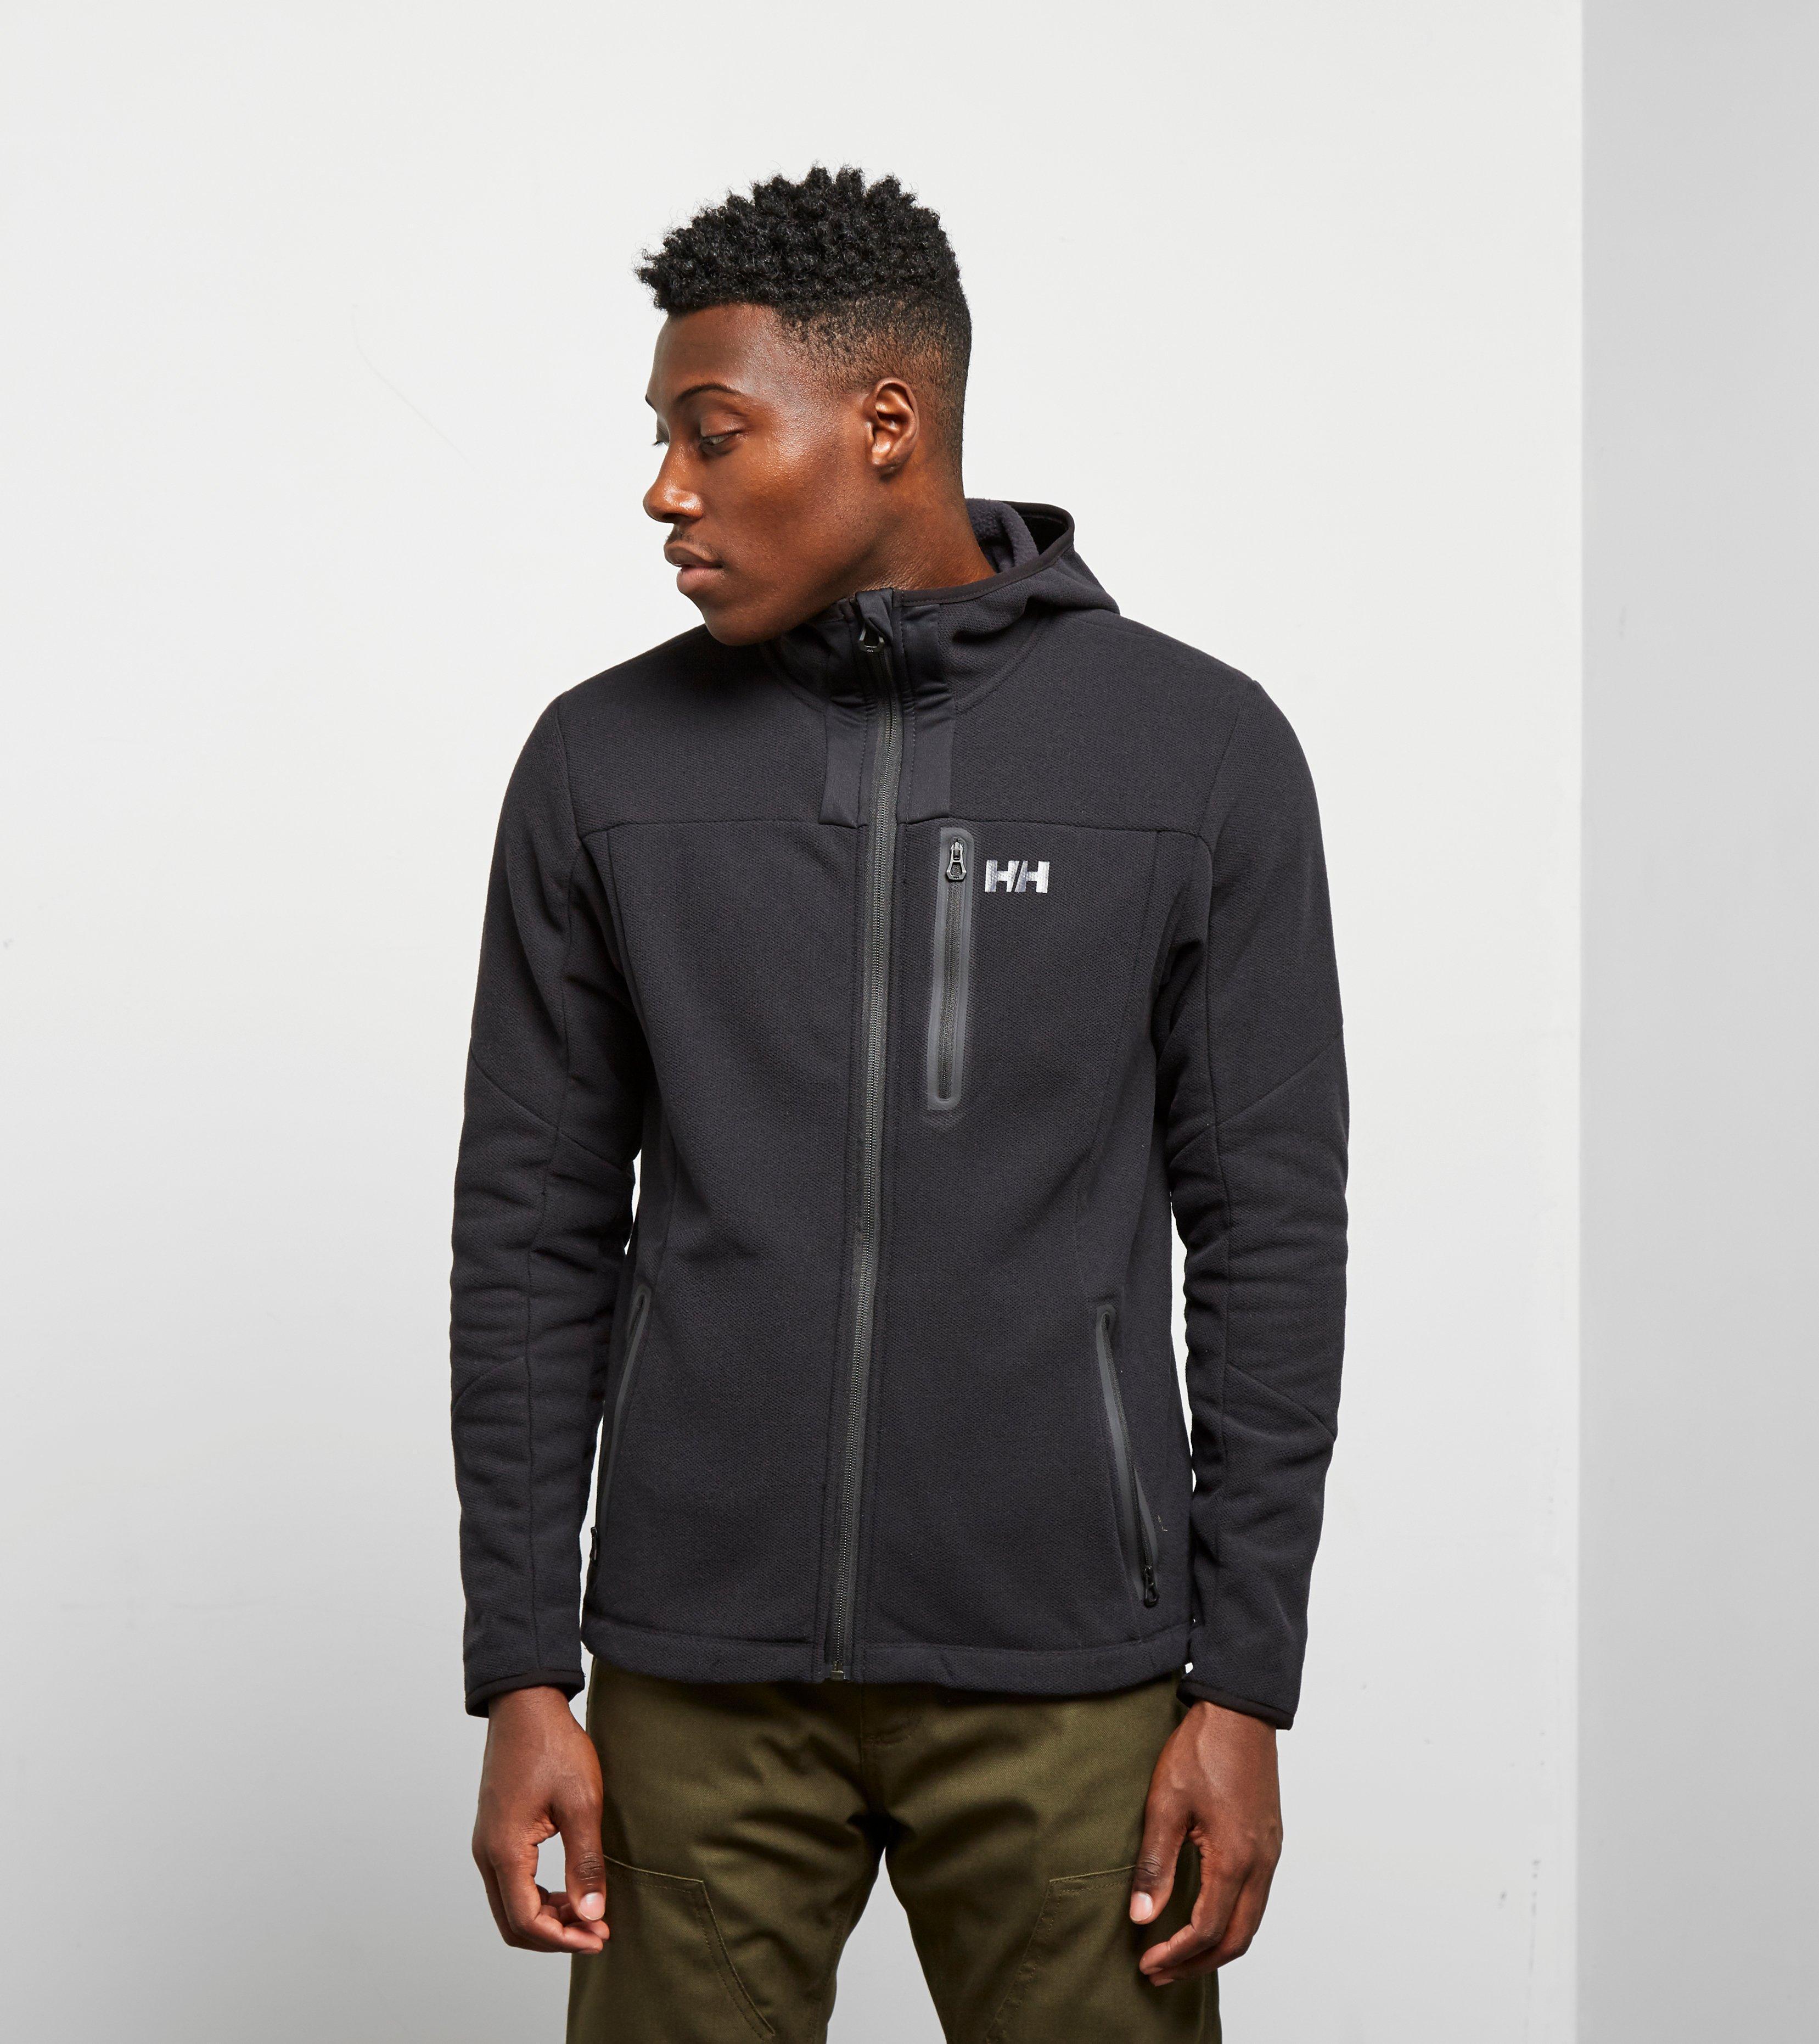 c4bad472 Helly Hansen Vanir Fleece Jacket in Black for Men - Lyst